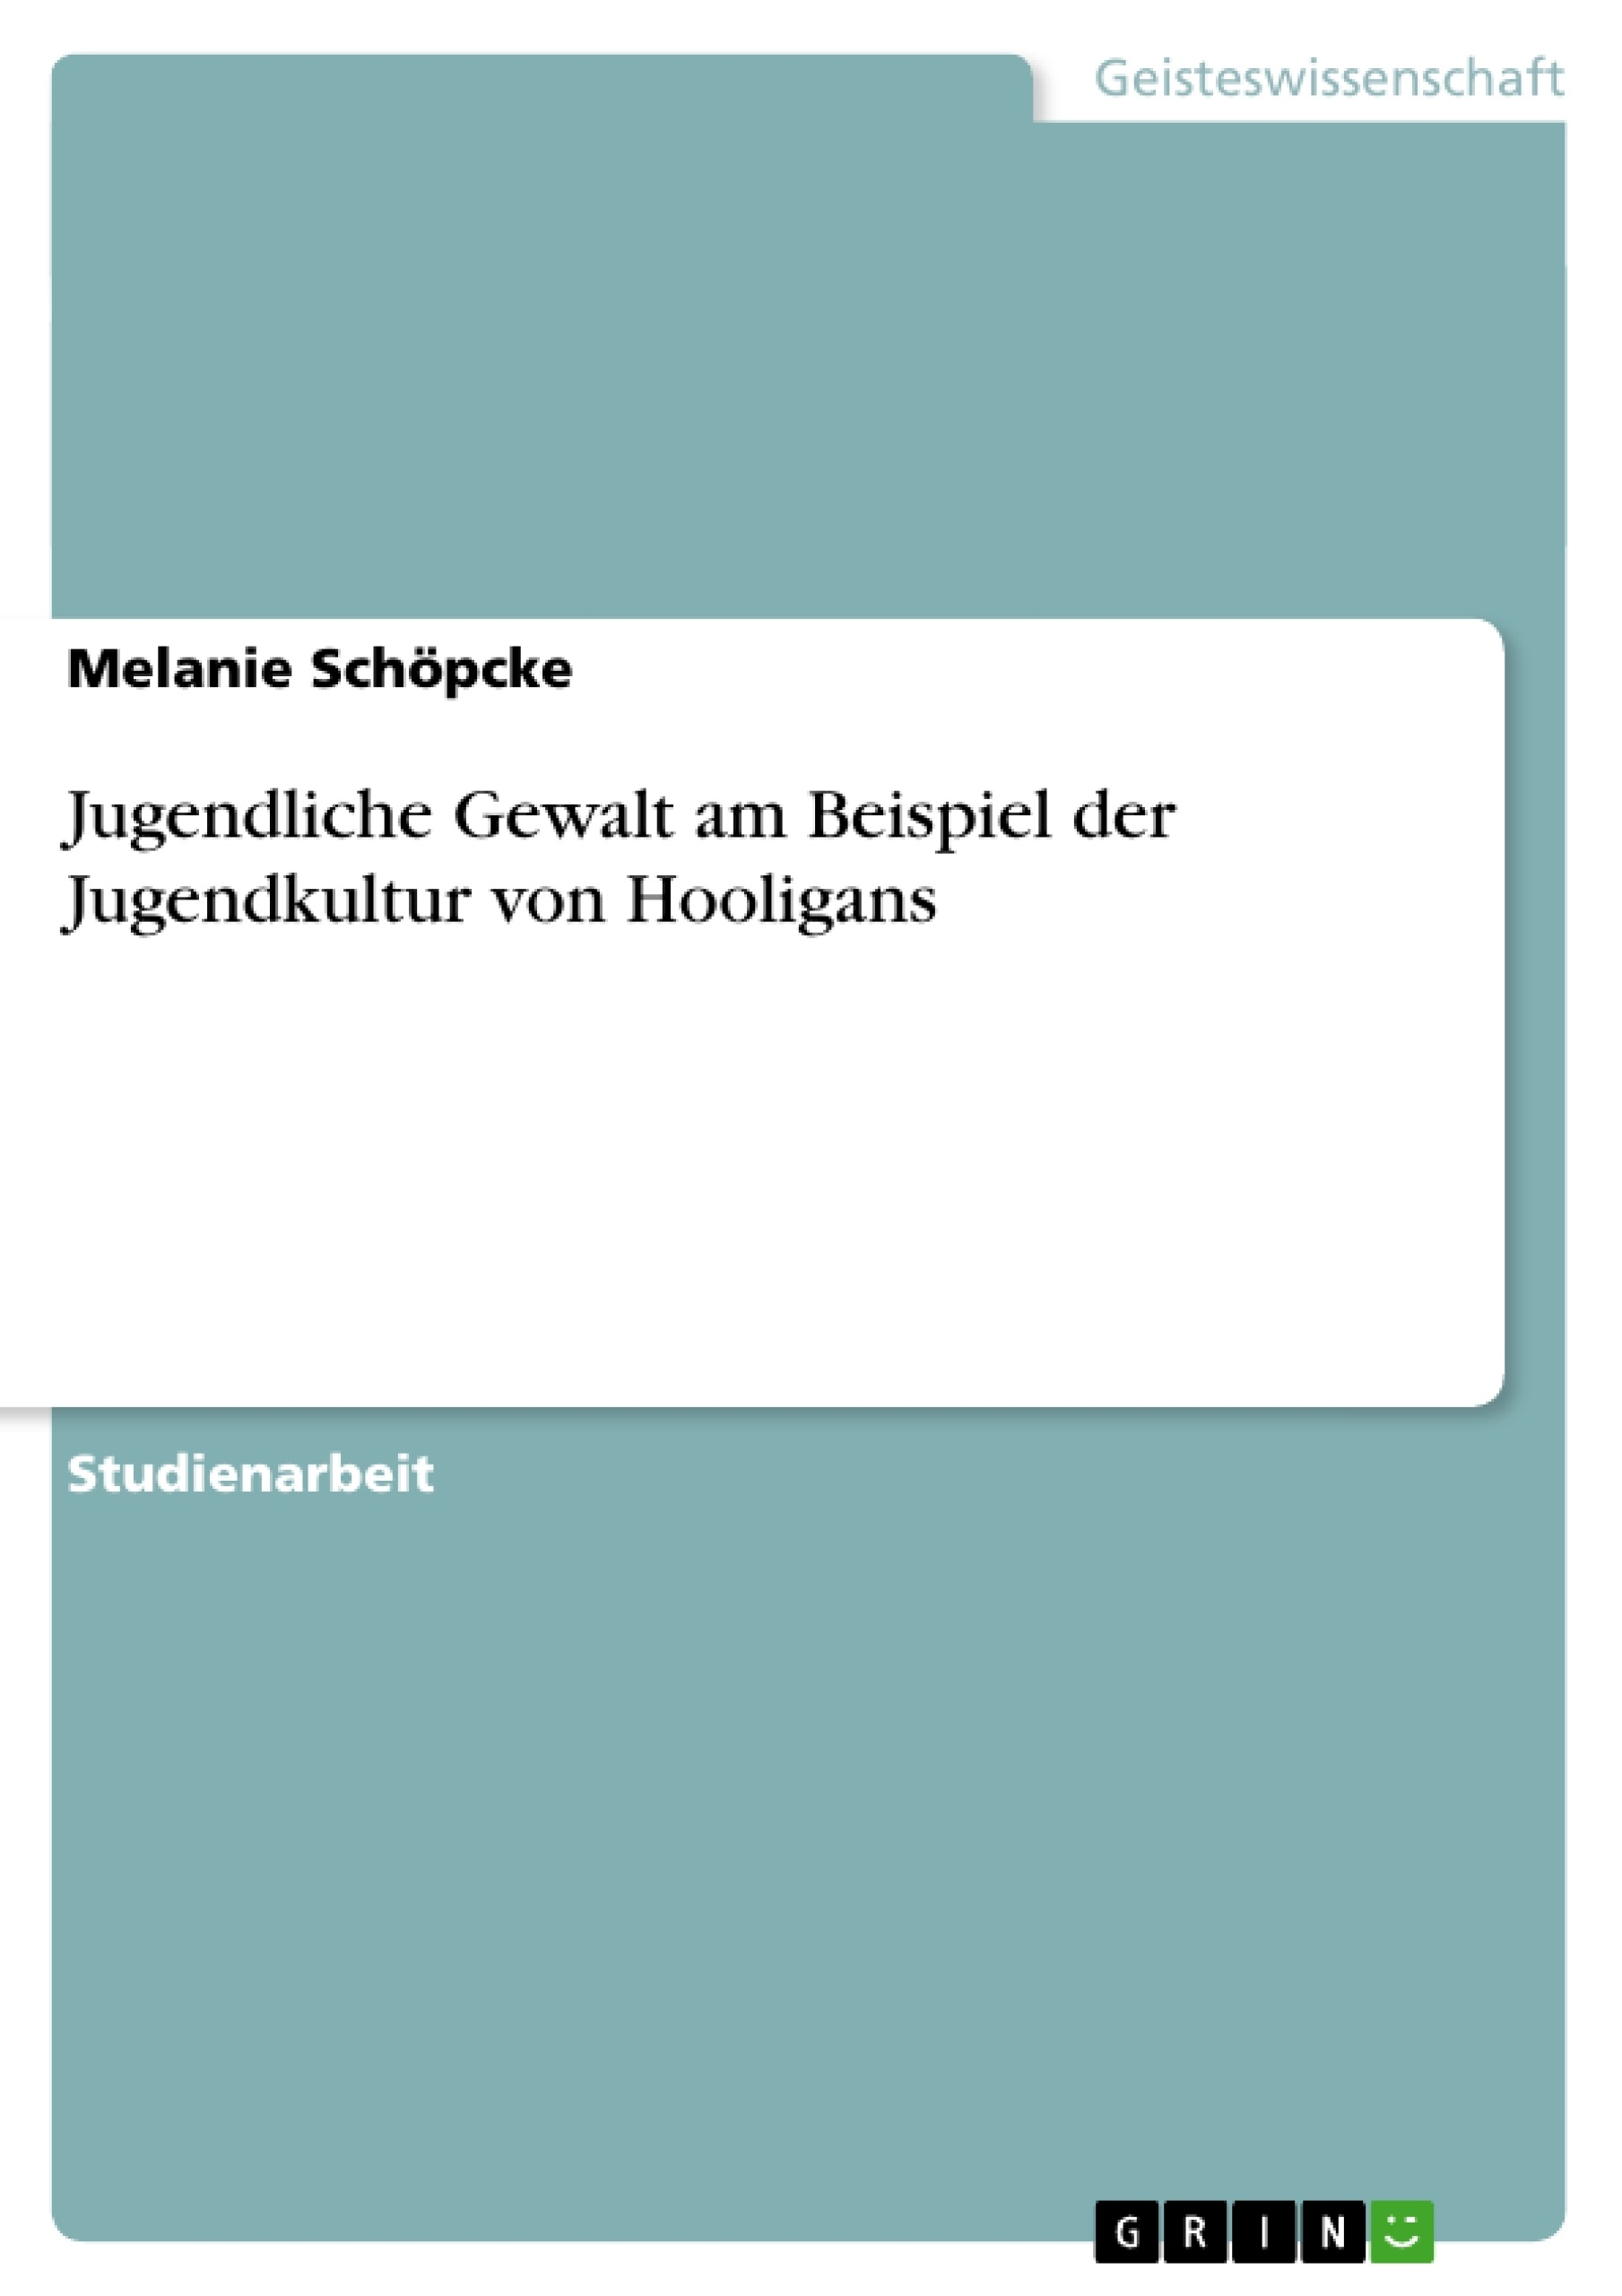 Titel: Jugendliche Gewalt am Beispiel der Jugendkultur von Hooligans